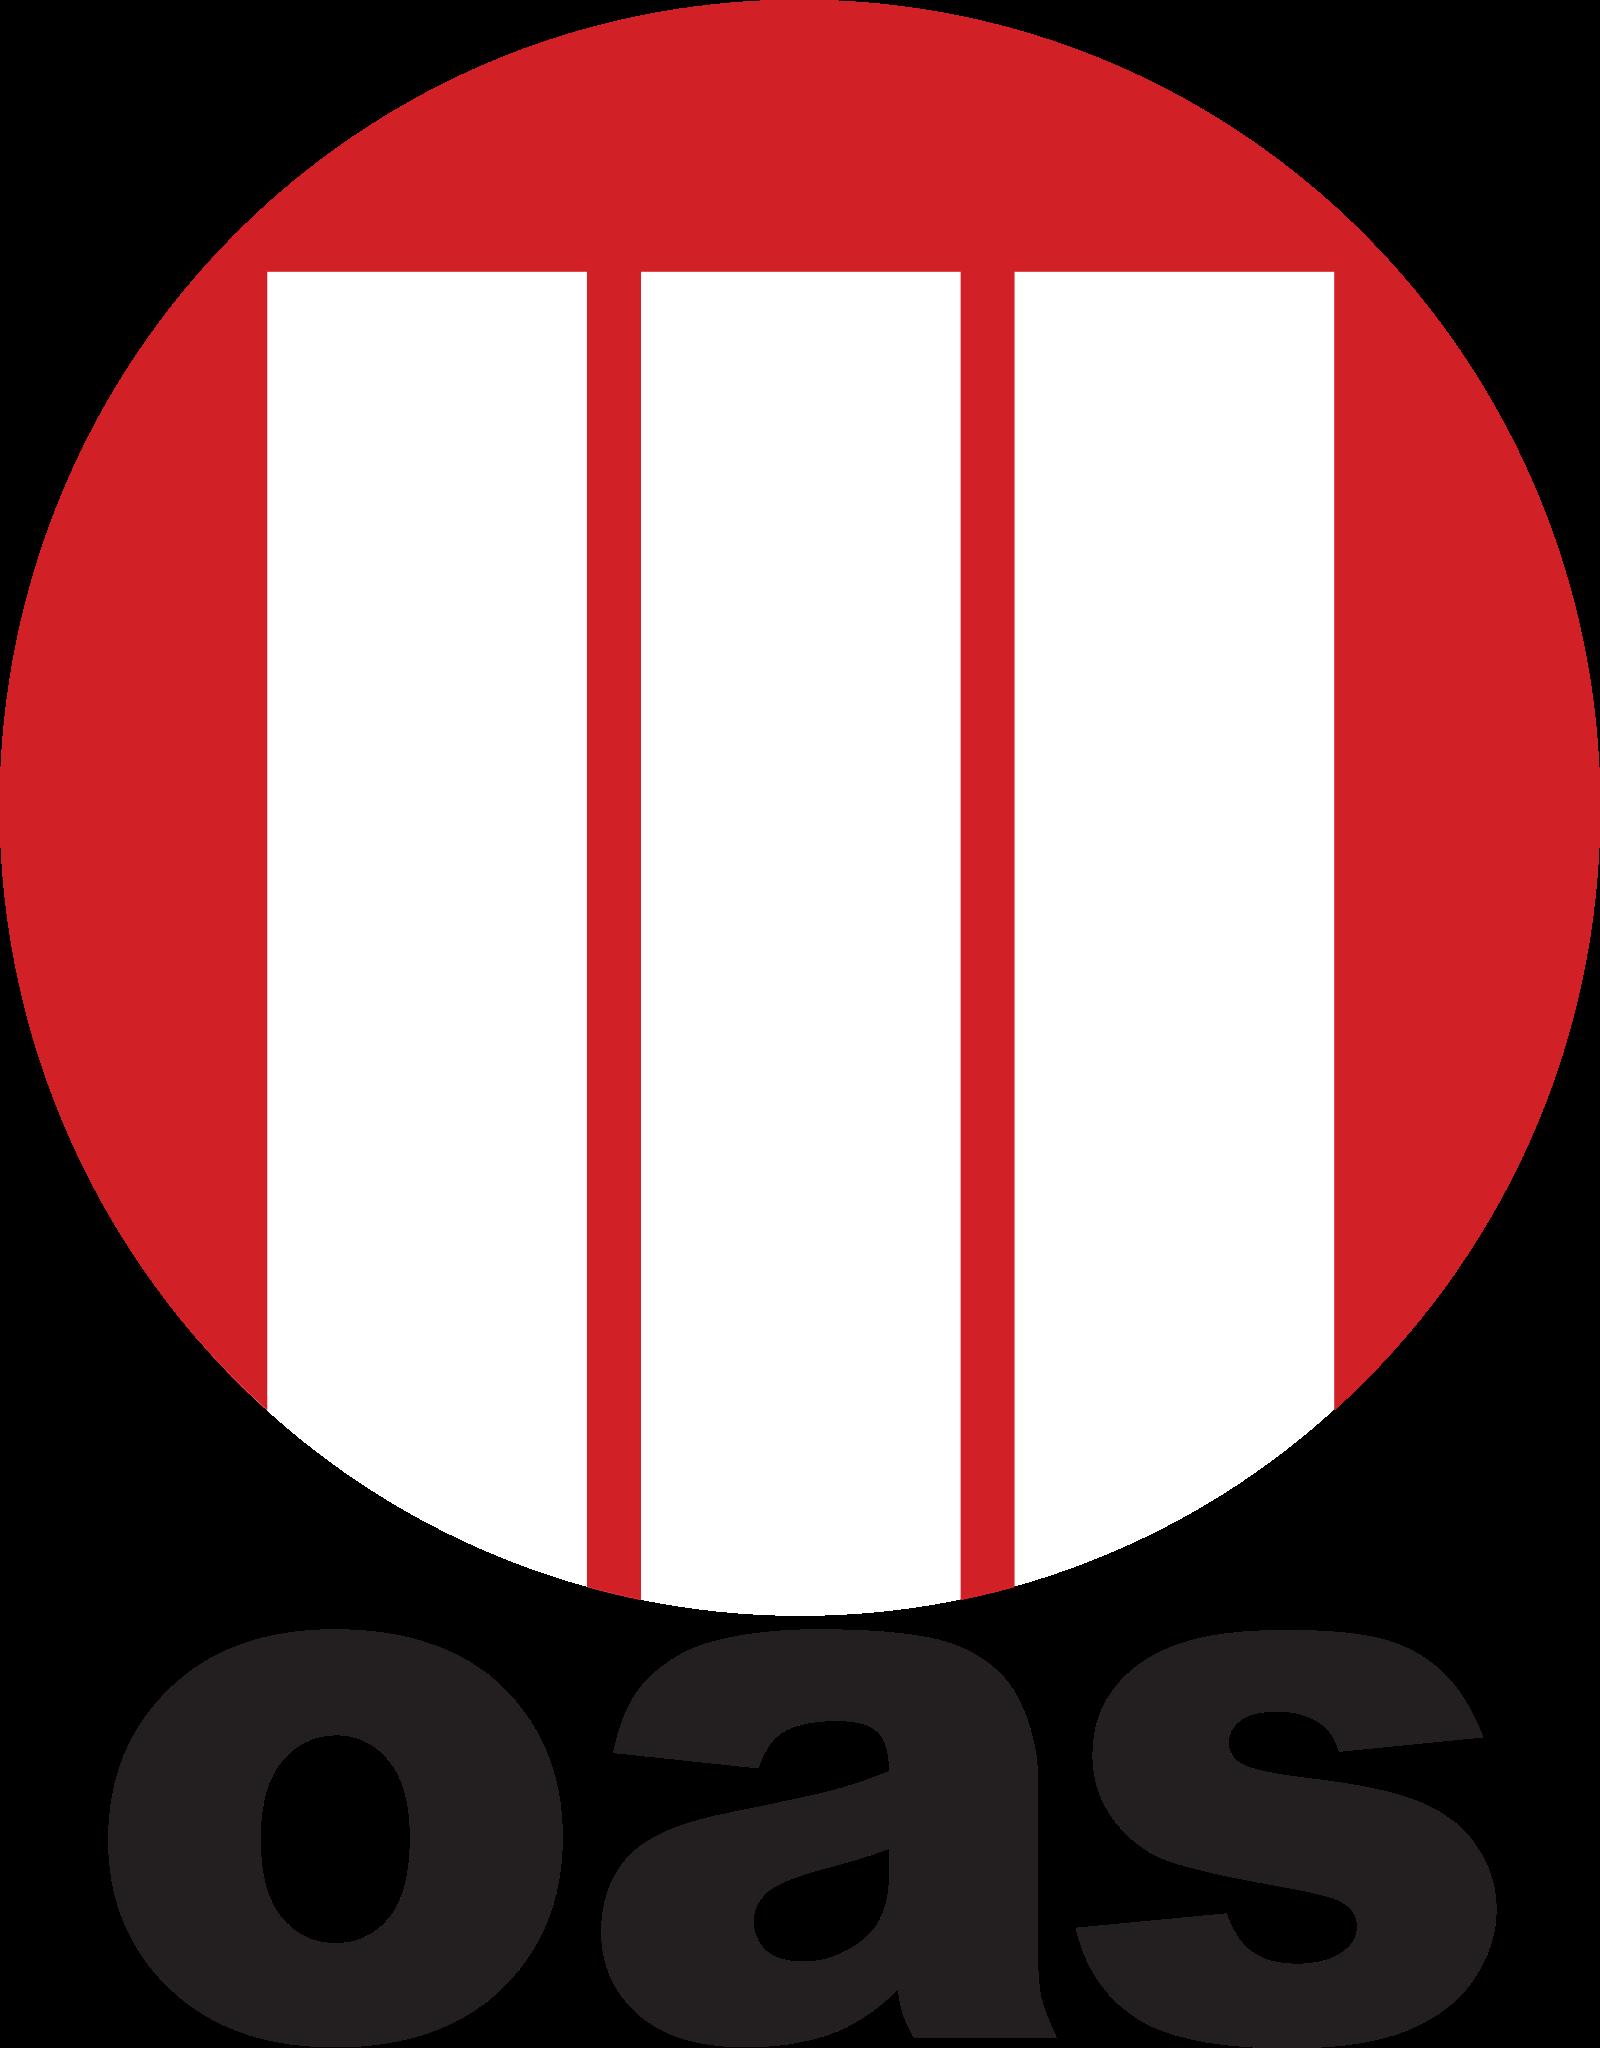 oas logo 2 - OAS S.A Logo